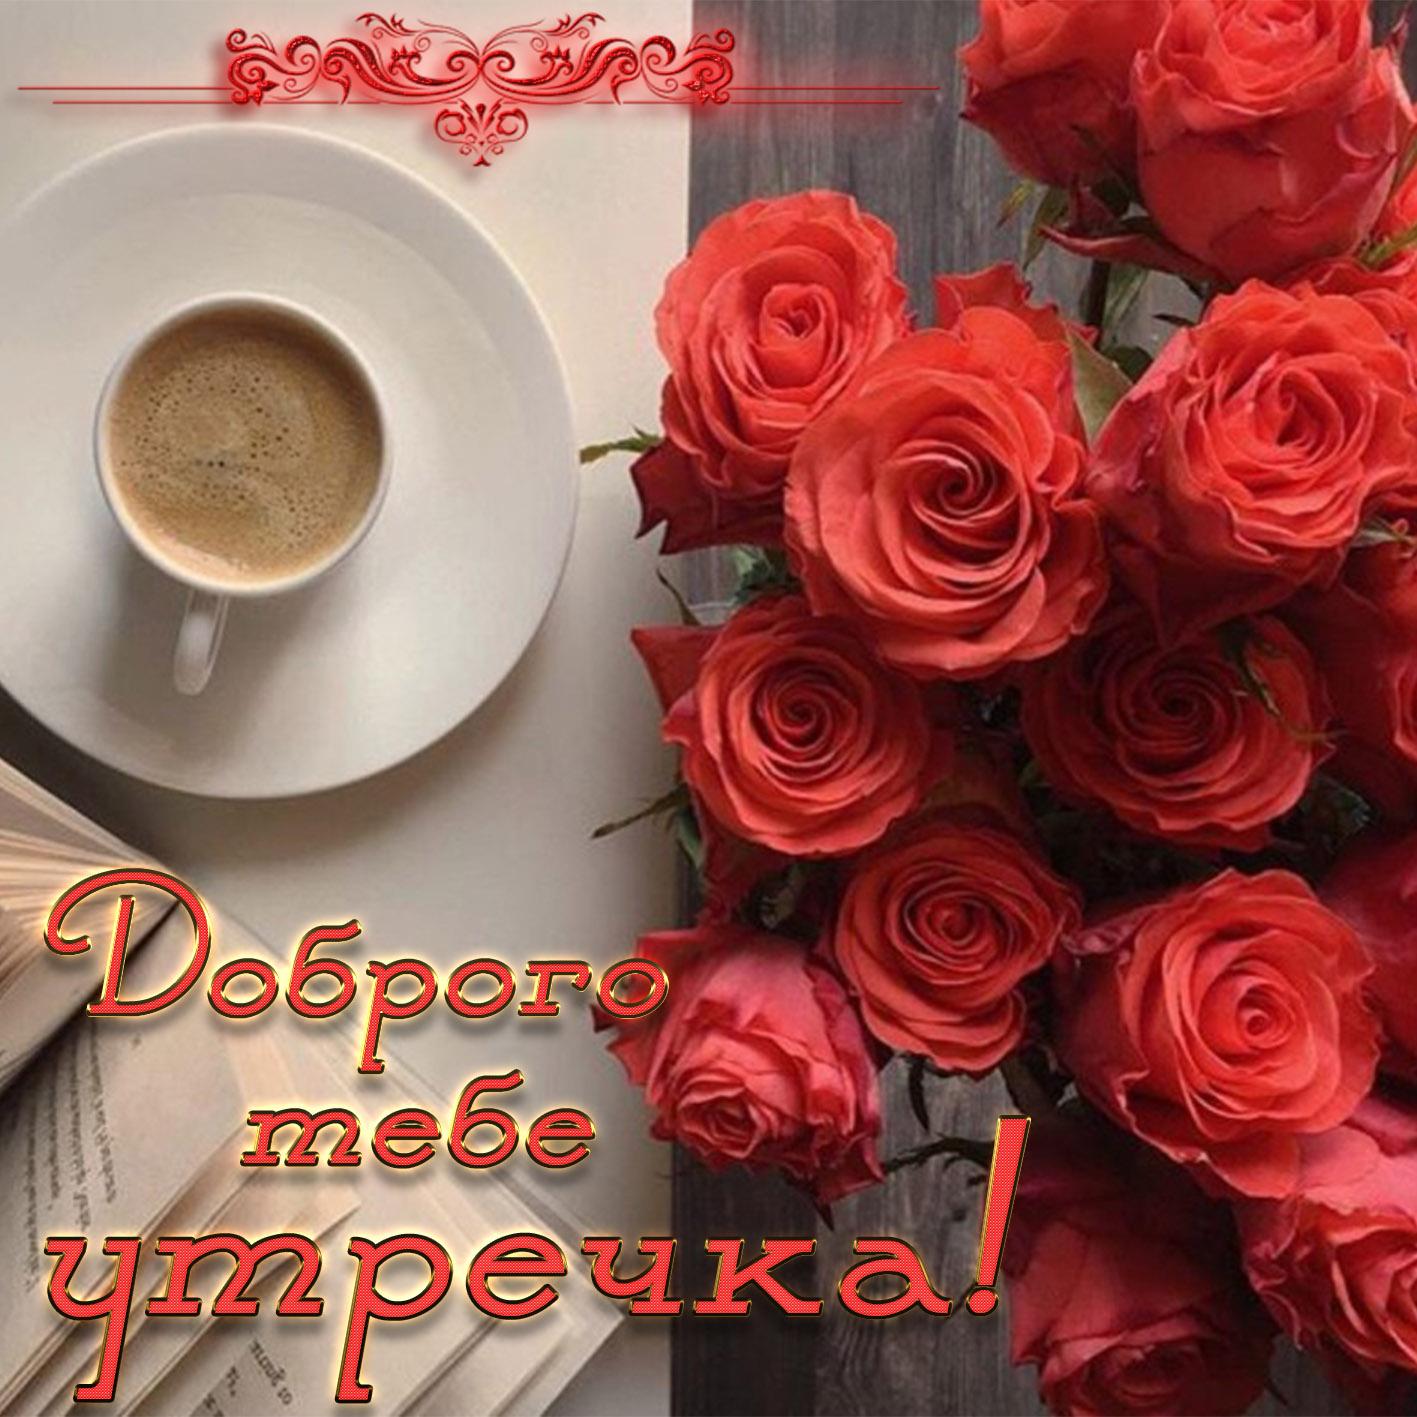 Открытка с добрым утром - красивые розочки и чашка кофе